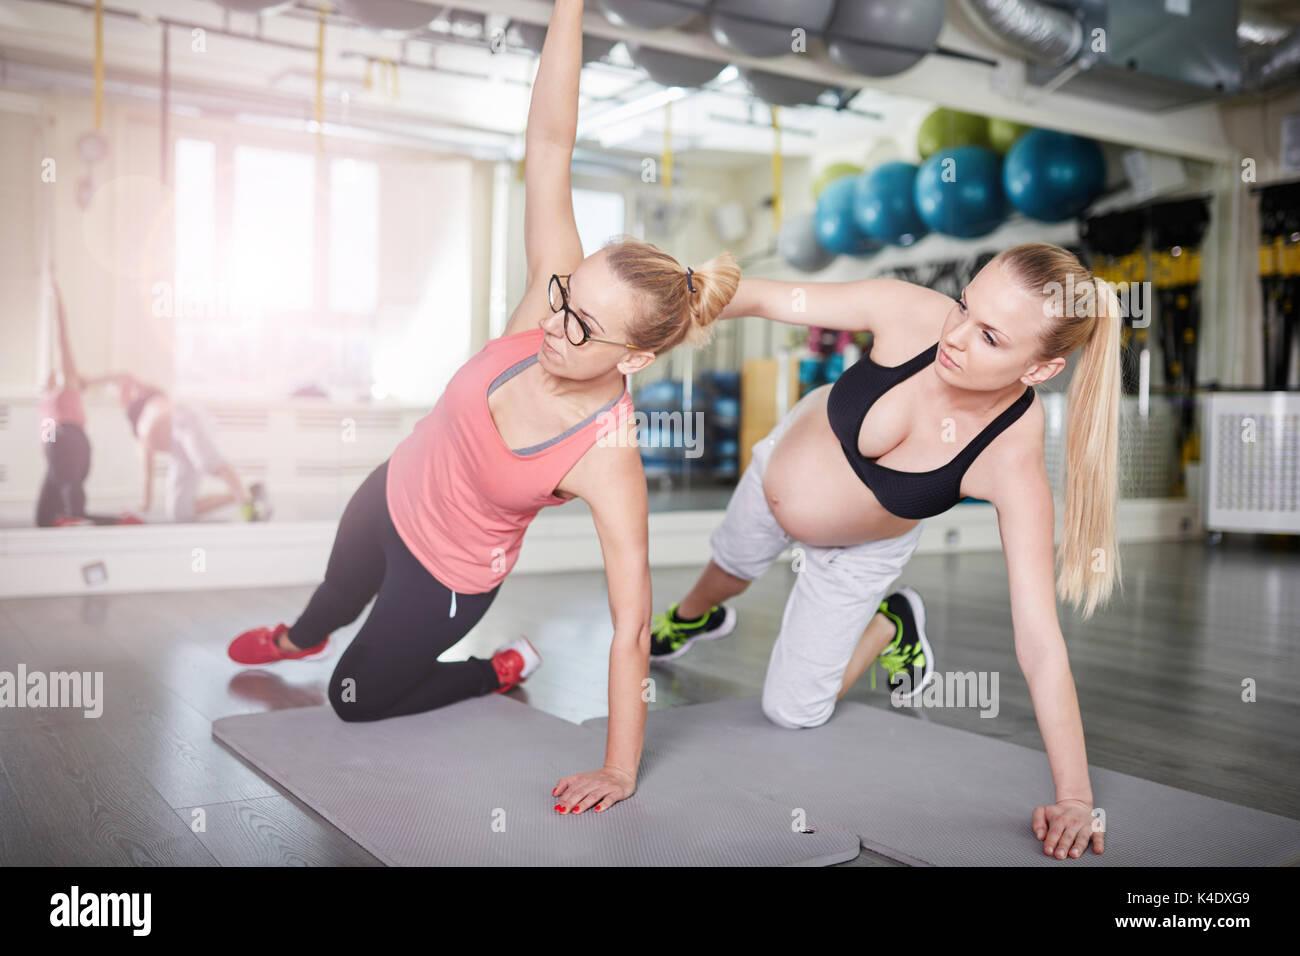 Seite Portrait von schwangeren Frau Training mit Personal Trainer Stockbild